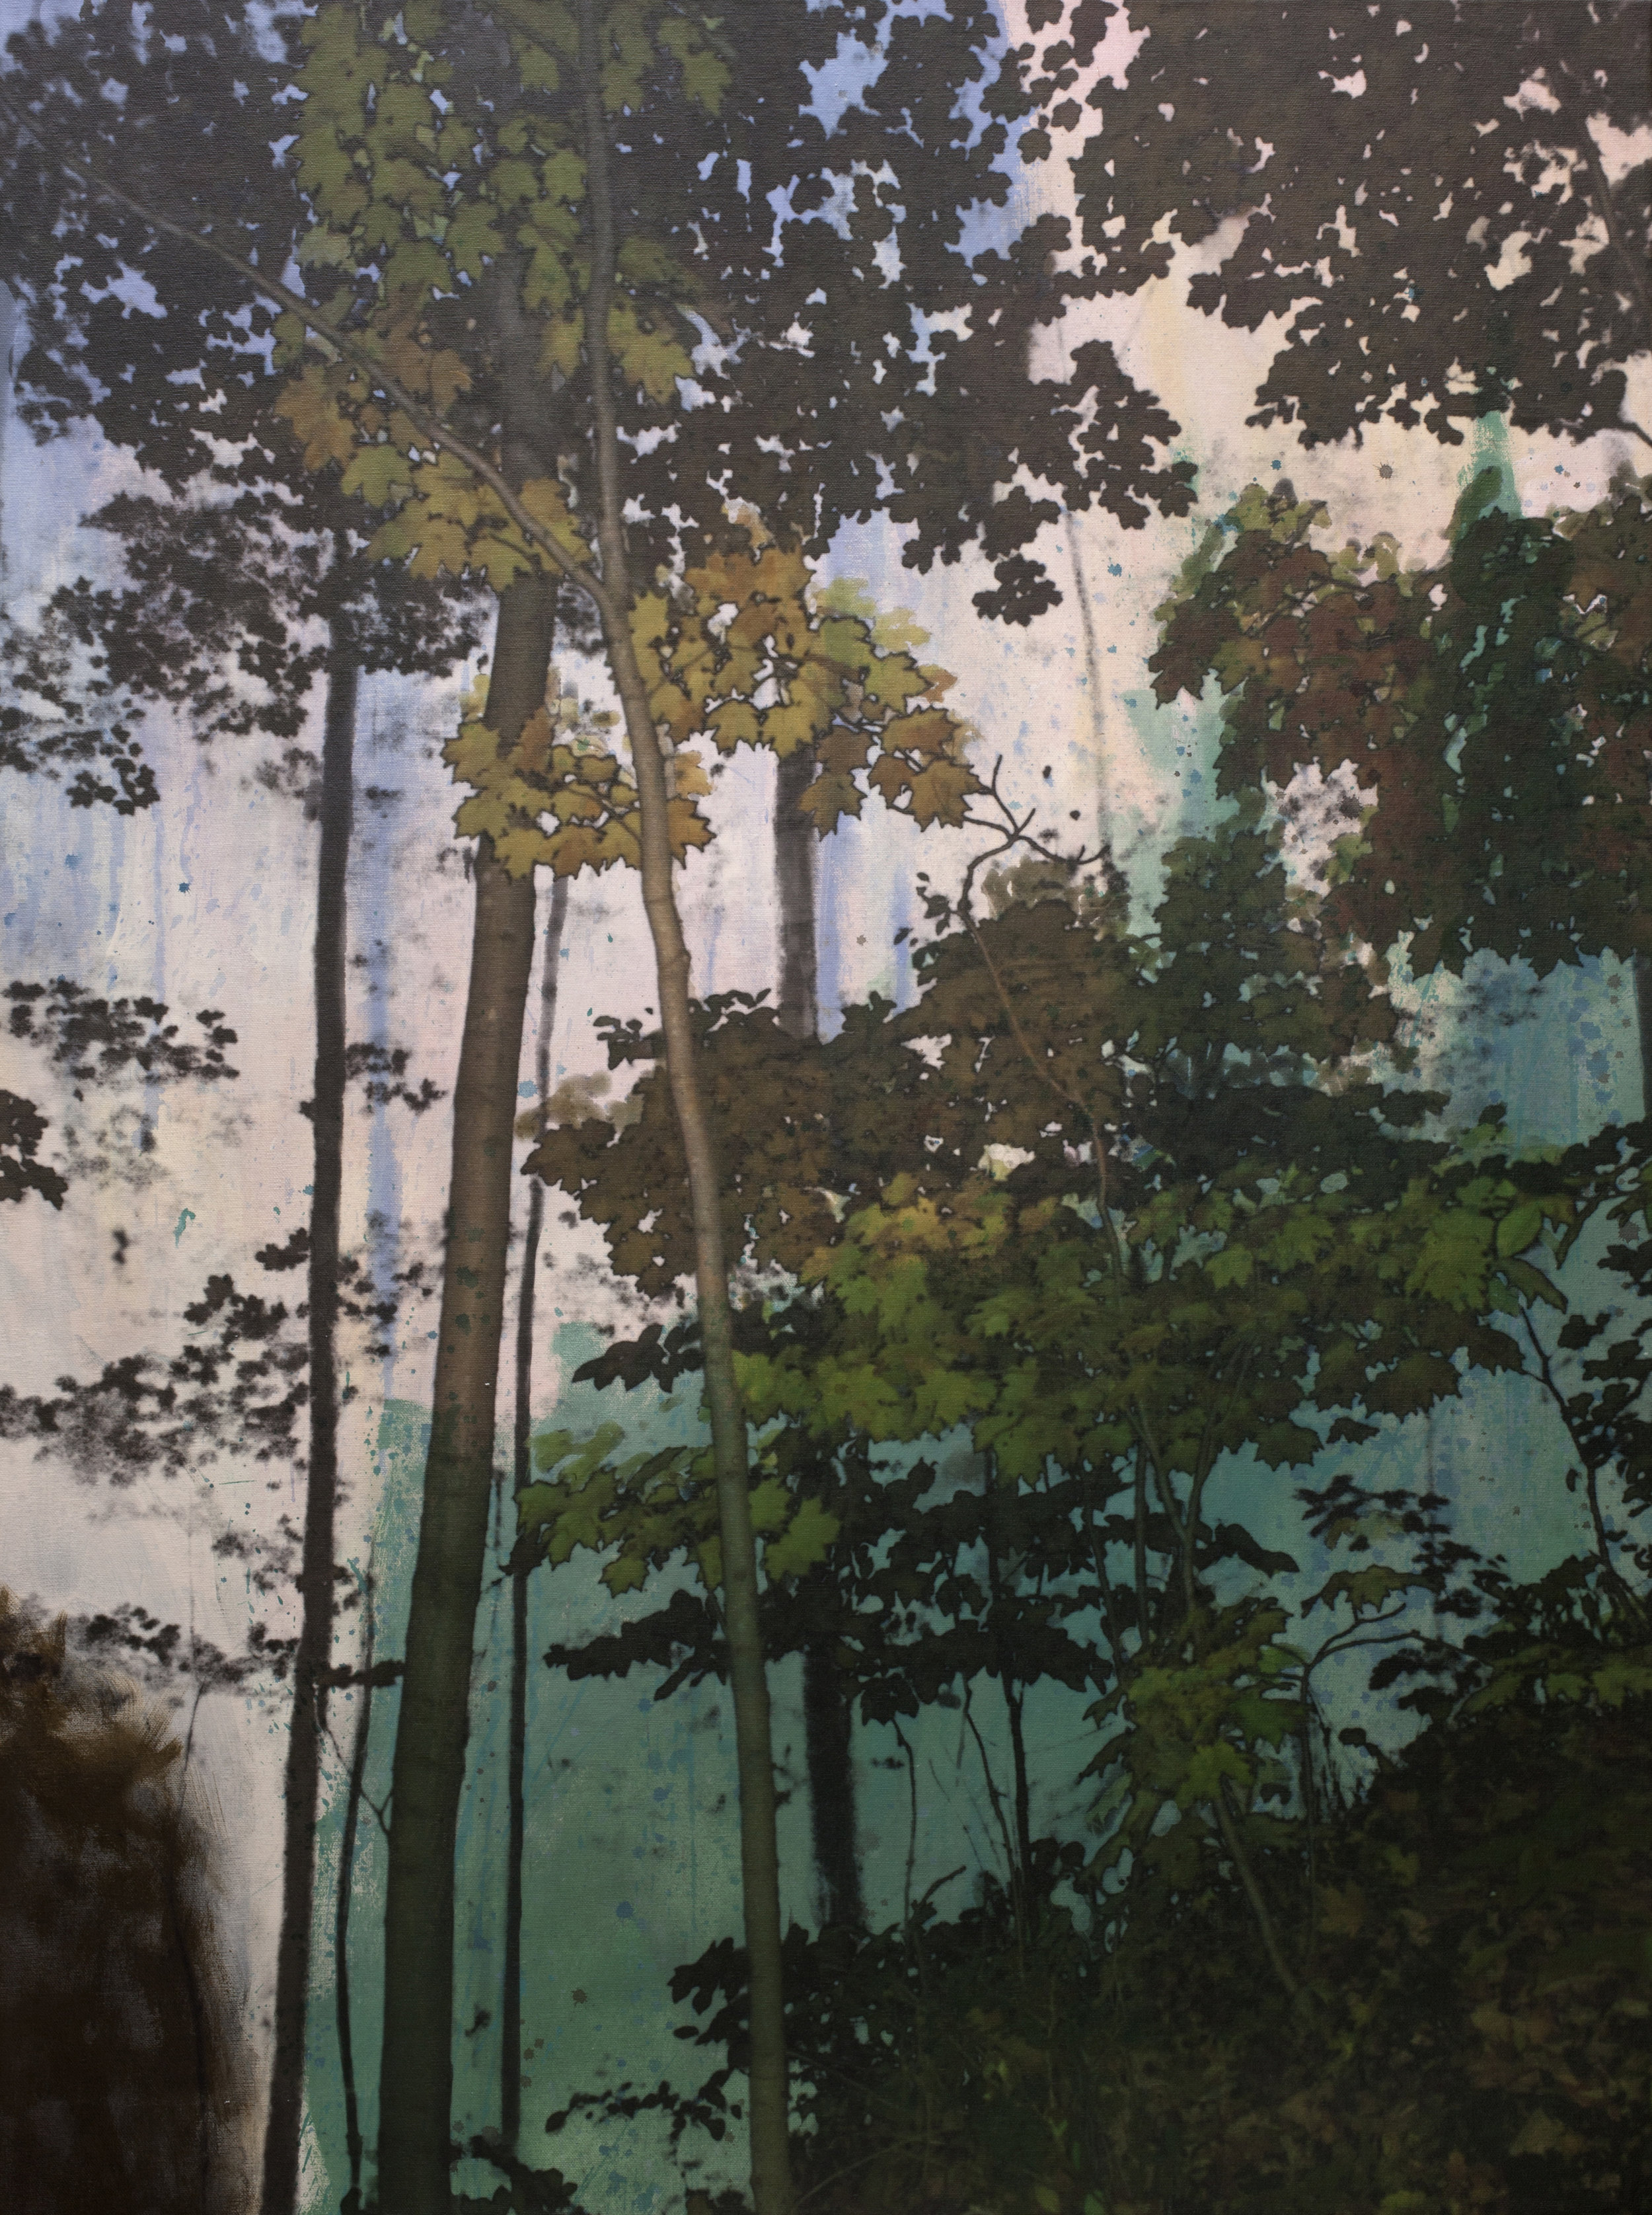 Érablière no 2  techniques mixtes sur toile  108 x 80 cm   2018